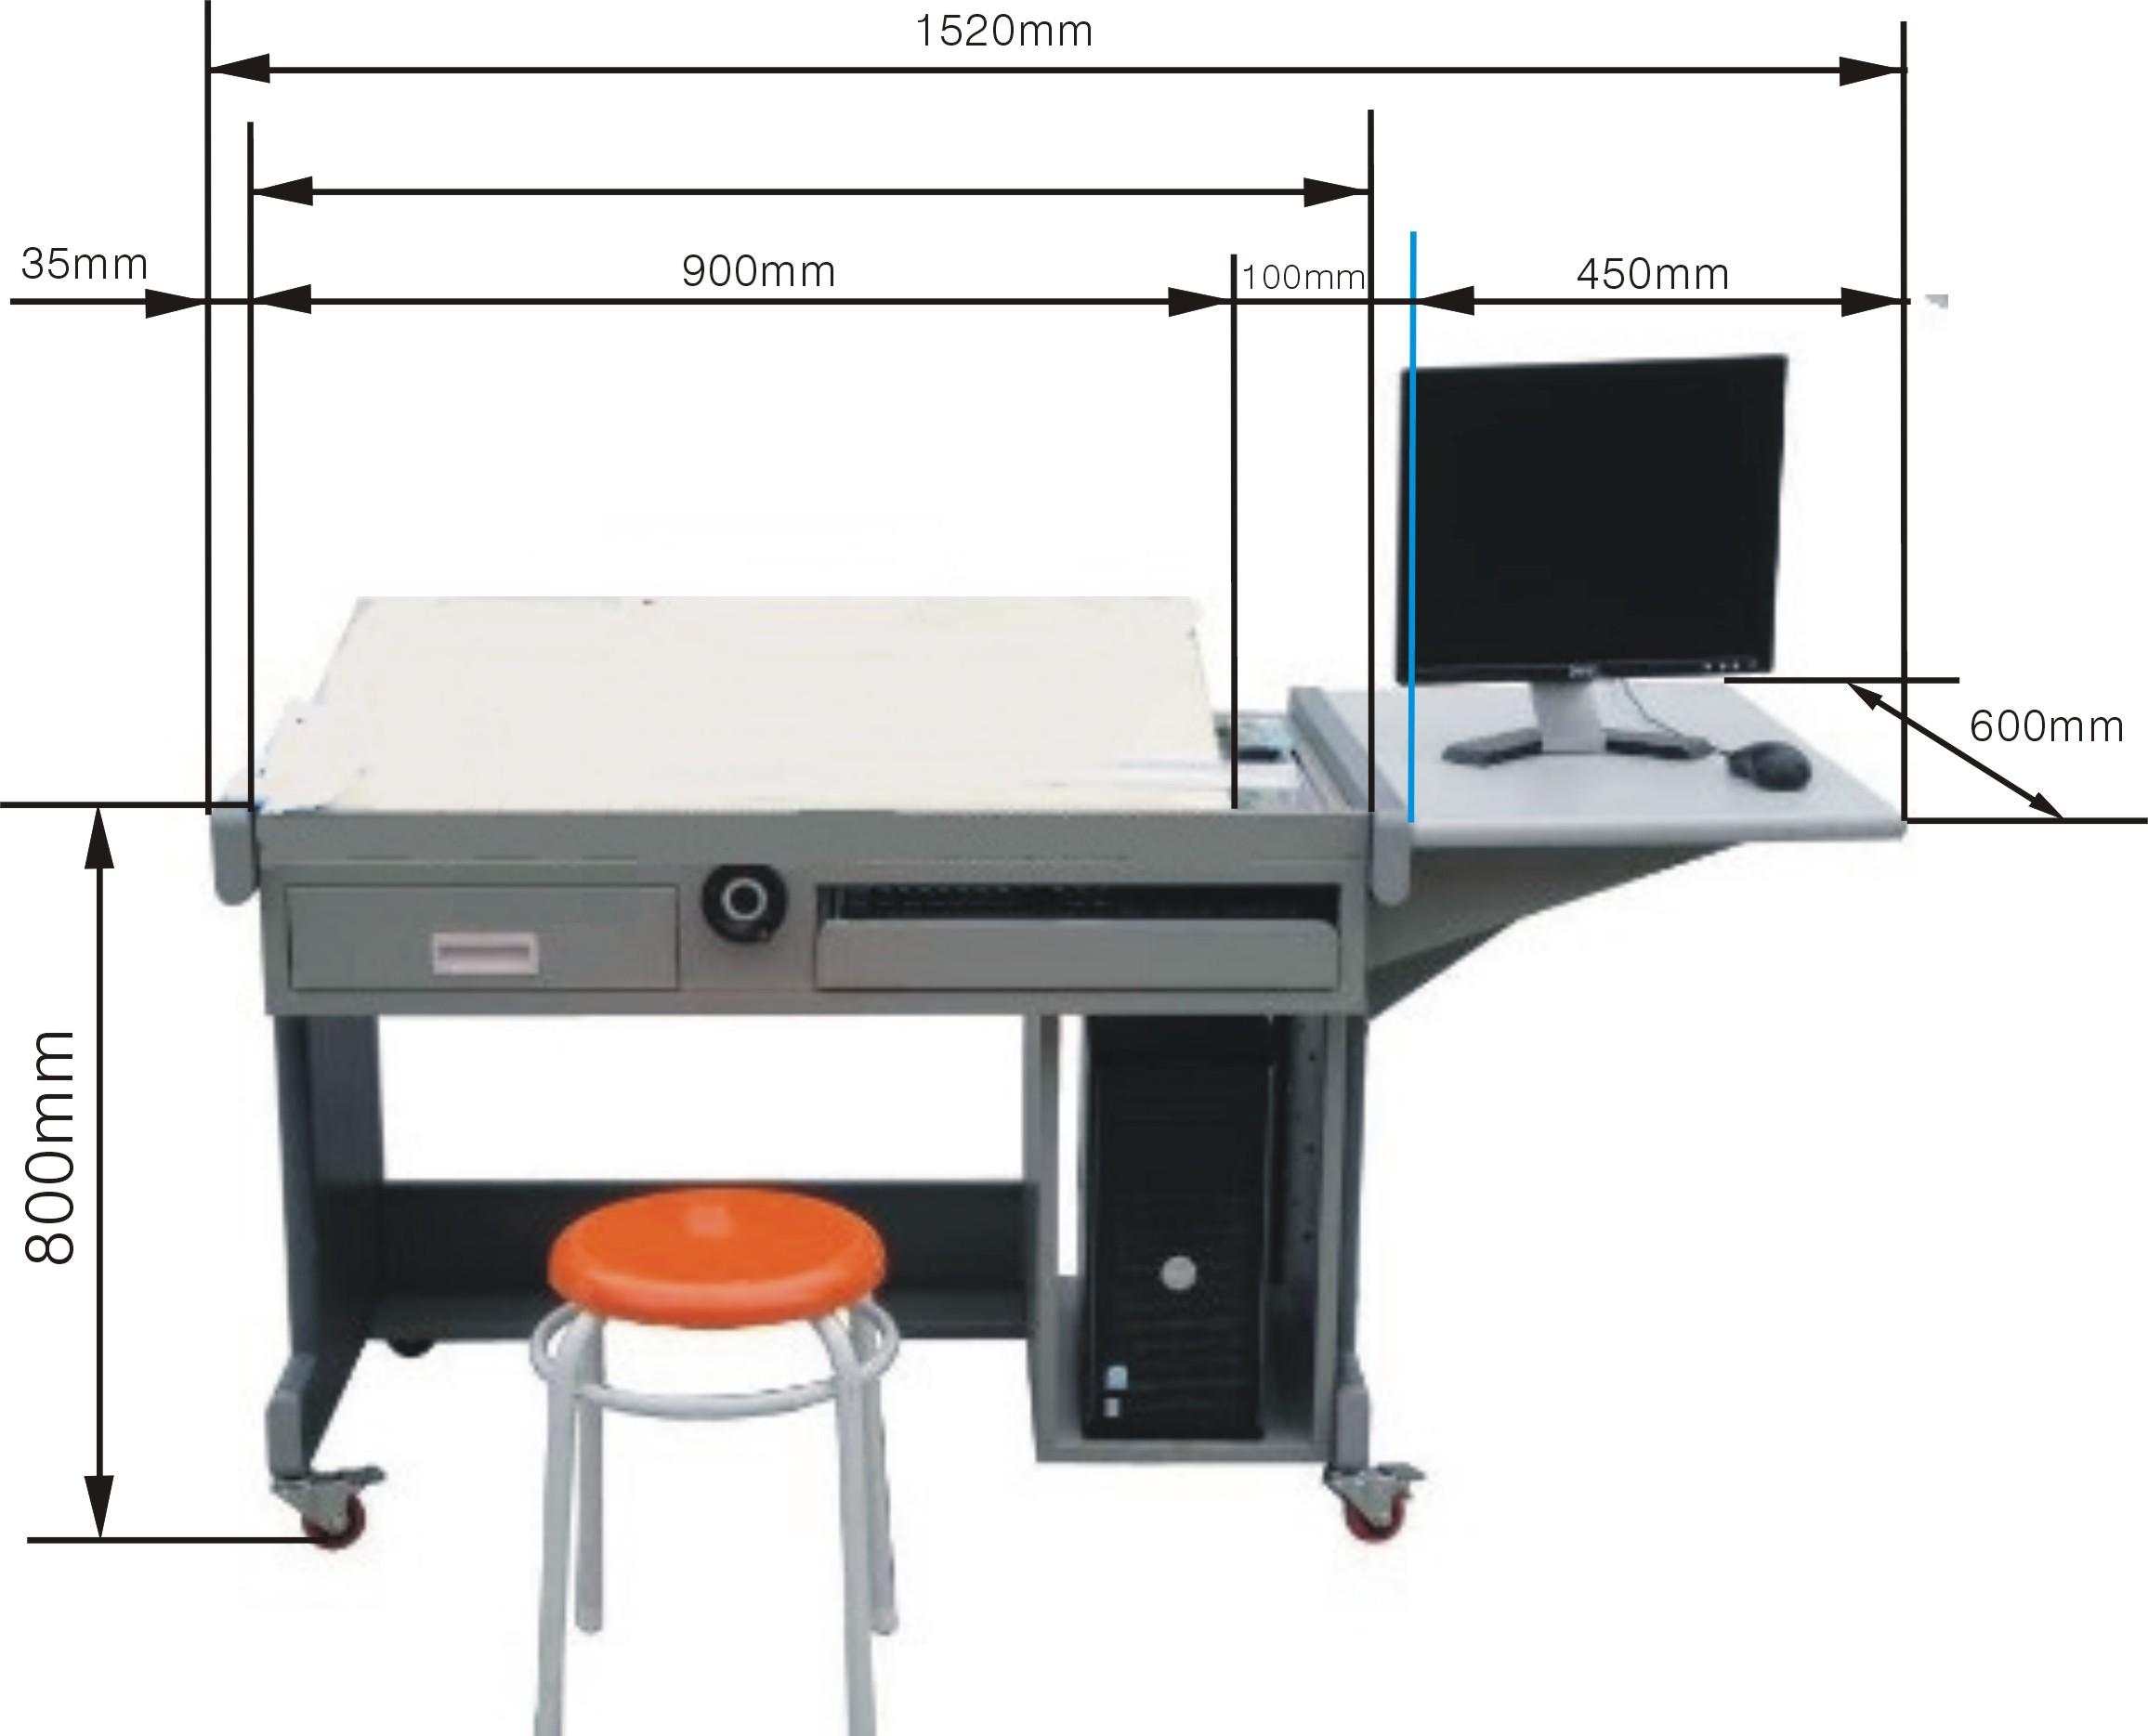 三、工程制图实验室设备可选配配置 (一)**桌配置: (1)90cm丁字尺 (8)多功能模板 (2)90*60cm一号绘图板 (9)大圆弧模板 (3)精密绘图仪器(5件一套) (10)不锈钢多用擦图片 (4)25cm曲线板 (11)画圆模板 (5)30cm多用斜角三角板 (12)绘图铅笔(5支一套) (6)美工刀 (13)81a绘图笔 (7)三棱比例尺 (15)**凳(PVC凳面,钢管身,可升降) (二)老师桌配置: (1)120cm丁字尺 (11)美工刀 (2)12090cm零号图板 (12)三棱比例尺